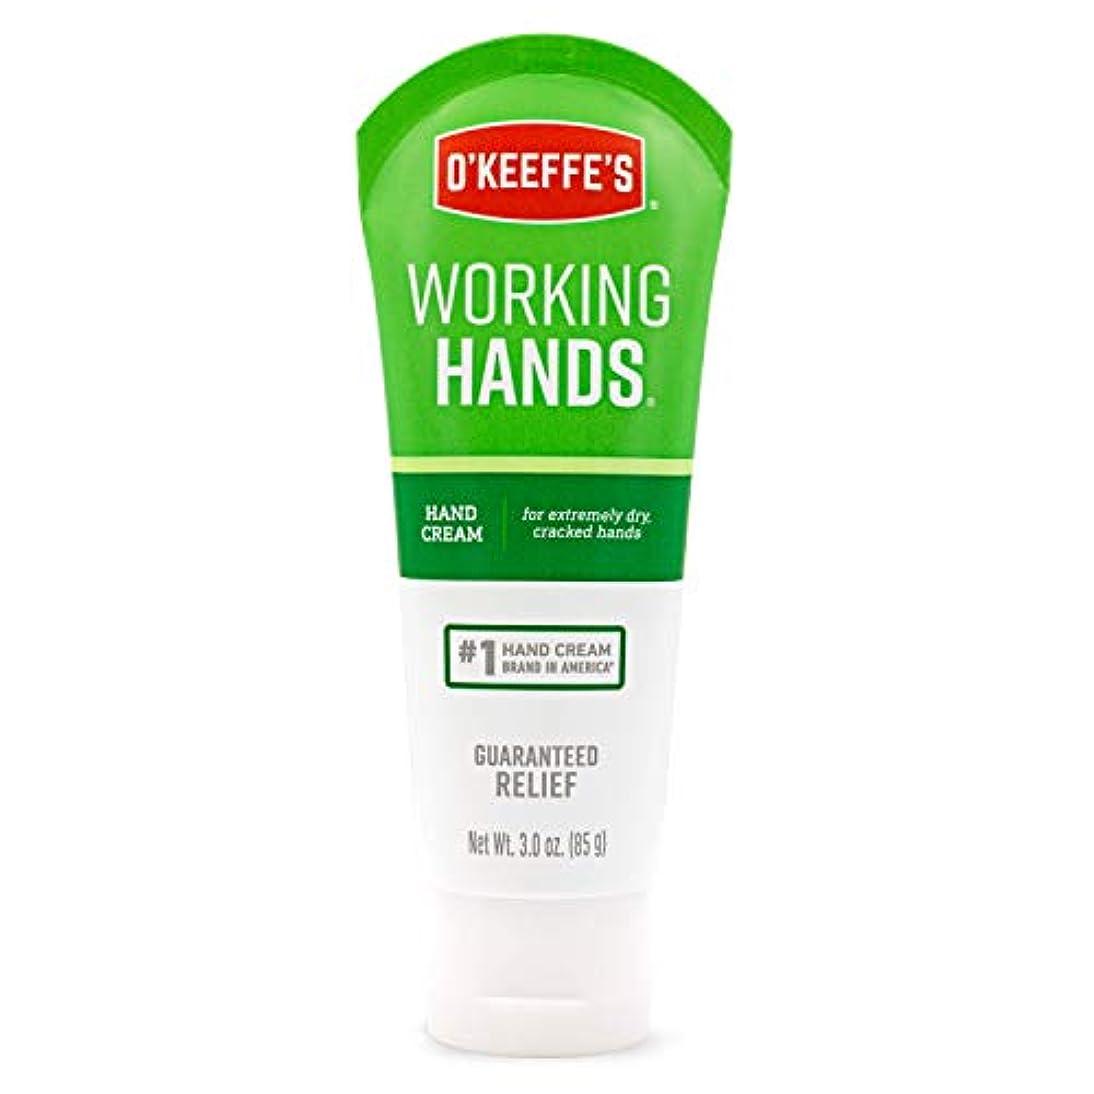 骨折マニアックステップオキーフス ワーキングハンドクリーム チューブ  85g 1点 (並行輸入品) O'Keeffe's Working Hands Hand Cream 3oz